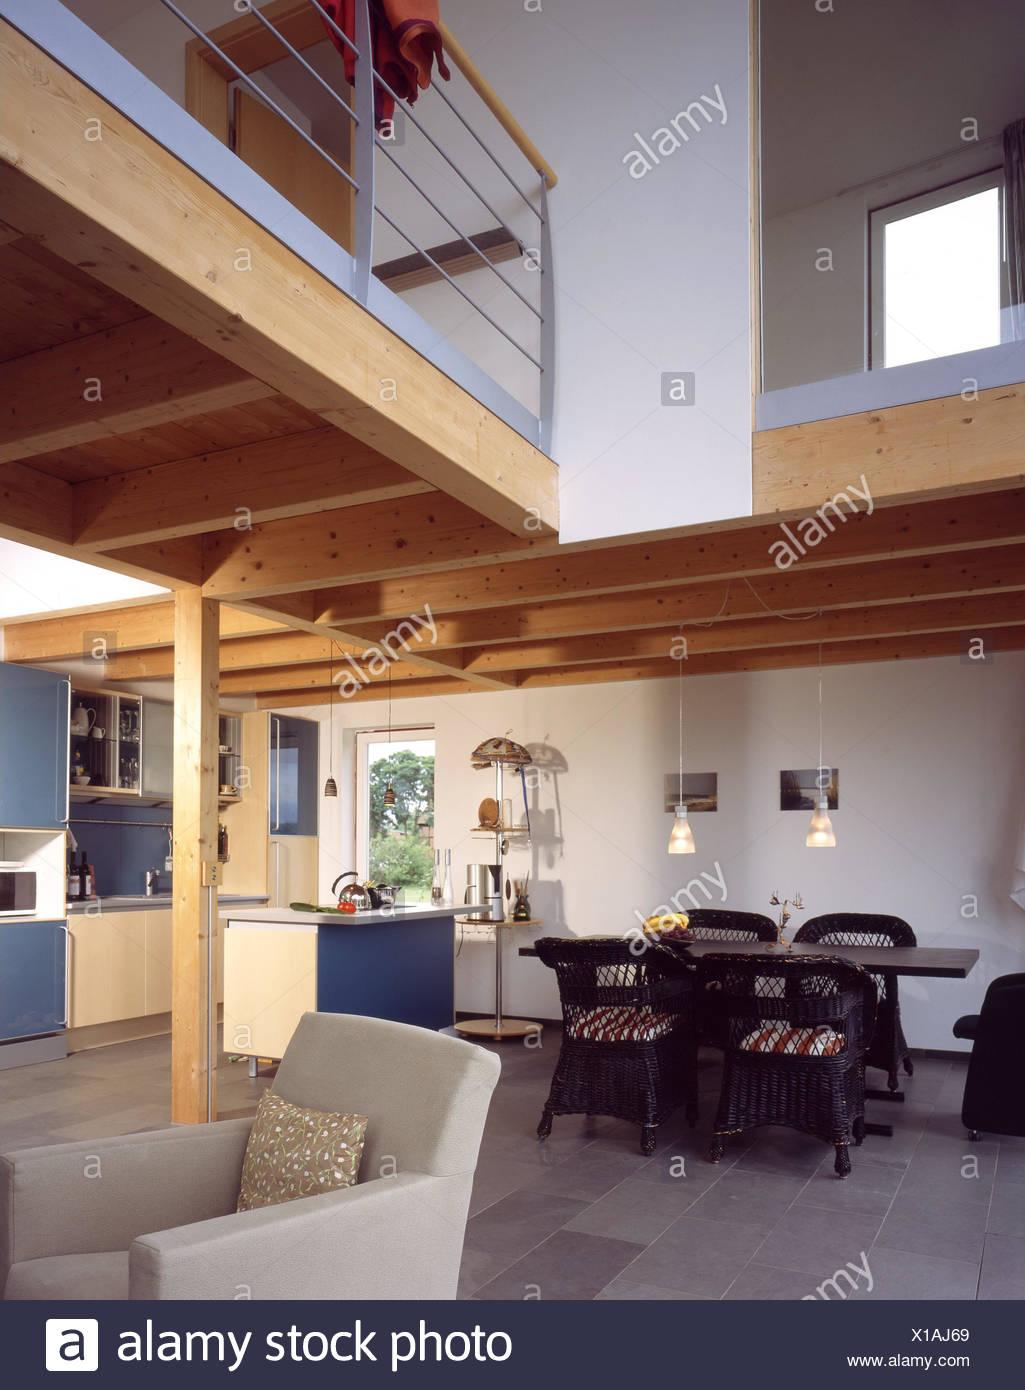 Einfamilienhaus Wohnung Küche Esszimmer Esstisch Obergeschoss